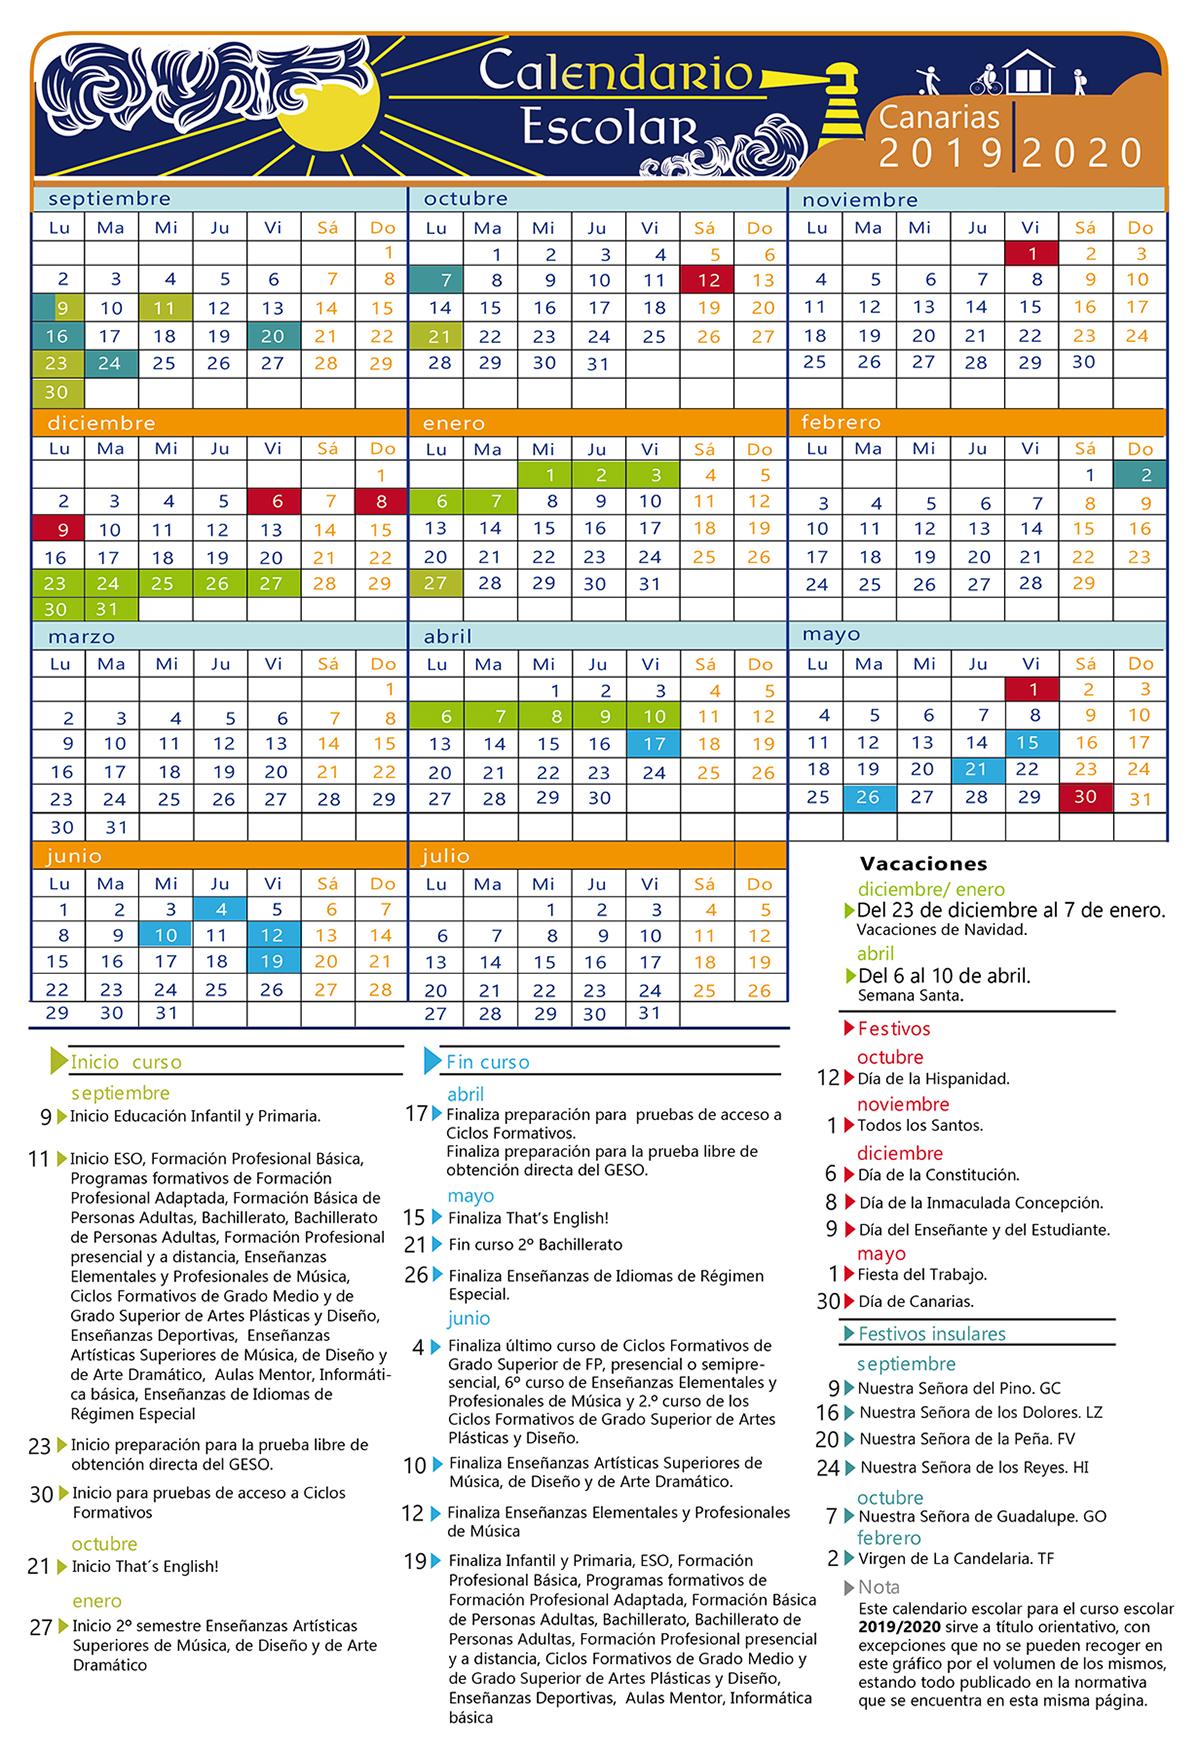 Calendario Vacaciones.Ya Puedes Consultar El Calendario Escolar De Canarias Para El Curso